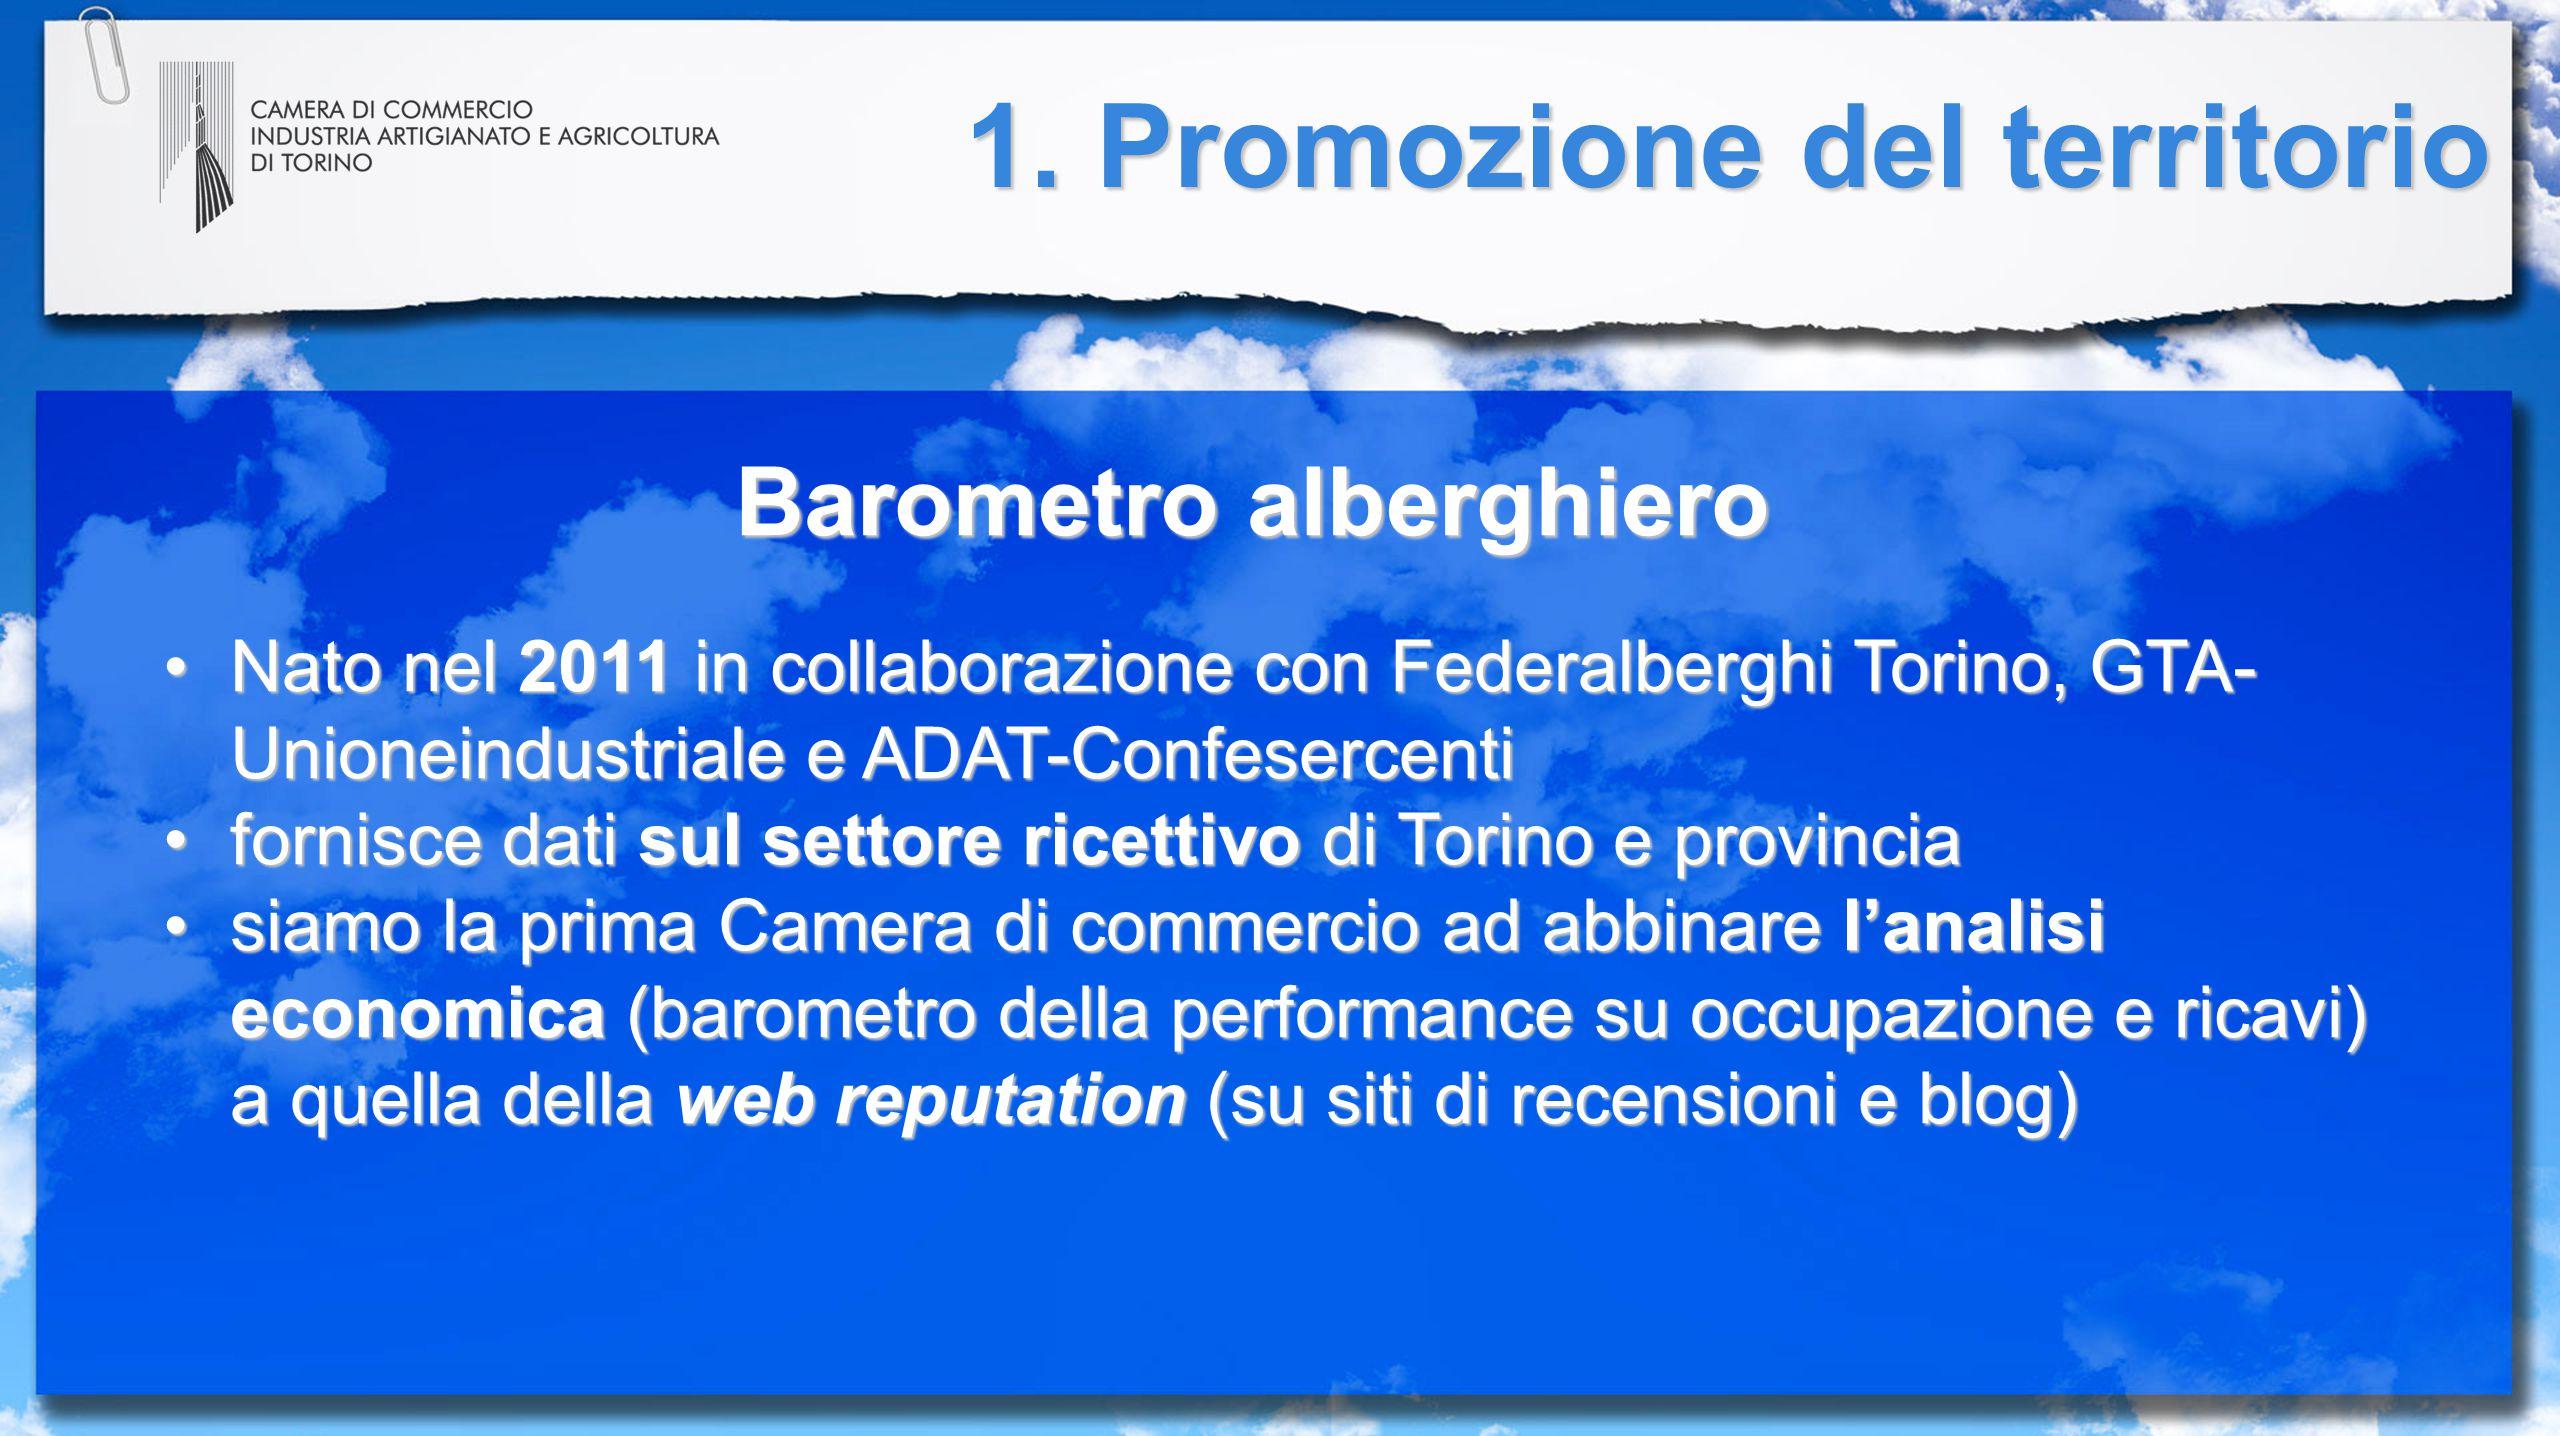 Protocollo d'intesa Management d'area Firmato con la Città di TorinoFirmato con la Città di Torino sviluppo condiviso di azioni per il rilancio e il sostegno del sistema imprenditoriale in alcune aree della cittàsviluppo condiviso di azioni per il rilancio e il sostegno del sistema imprenditoriale in alcune aree della città corsi di formazione per gli imprenditori, attività di marketing territoriale, percorsi di consulenza e accompagnamento per raggruppamenti di imprese (Barriera di Milano)corsi di formazione per gli imprenditori, attività di marketing territoriale, percorsi di consulenza e accompagnamento per raggruppamenti di imprese (Barriera di Milano) 1.